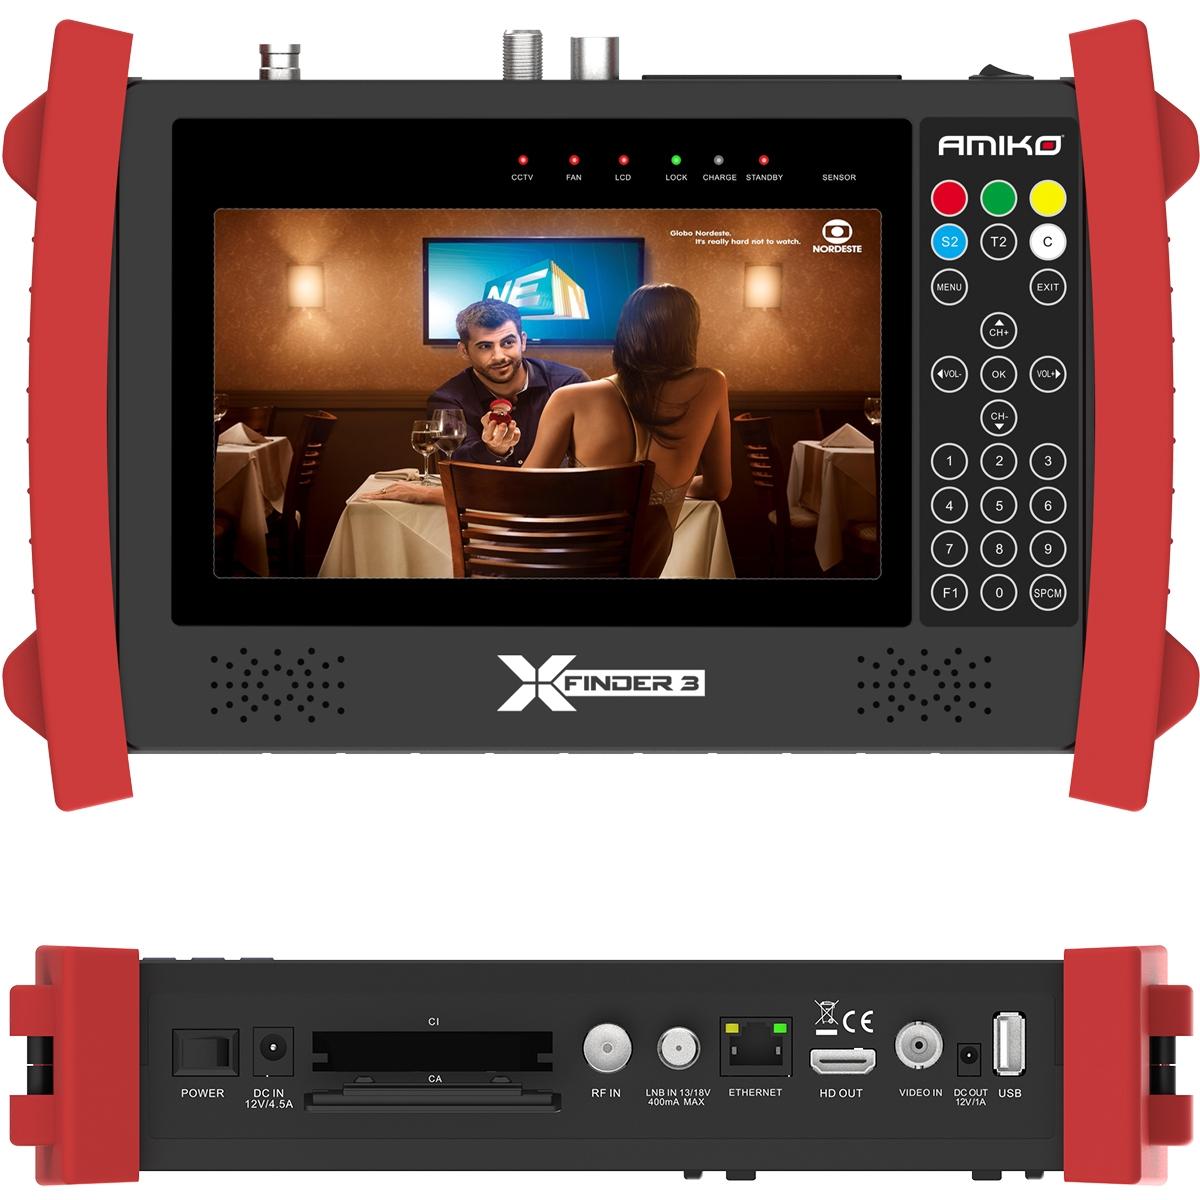 Amiko X-Finder 3 HD DVB-S/S2 + C/T/T2 Satfinder LCD Display Messgerät Akku